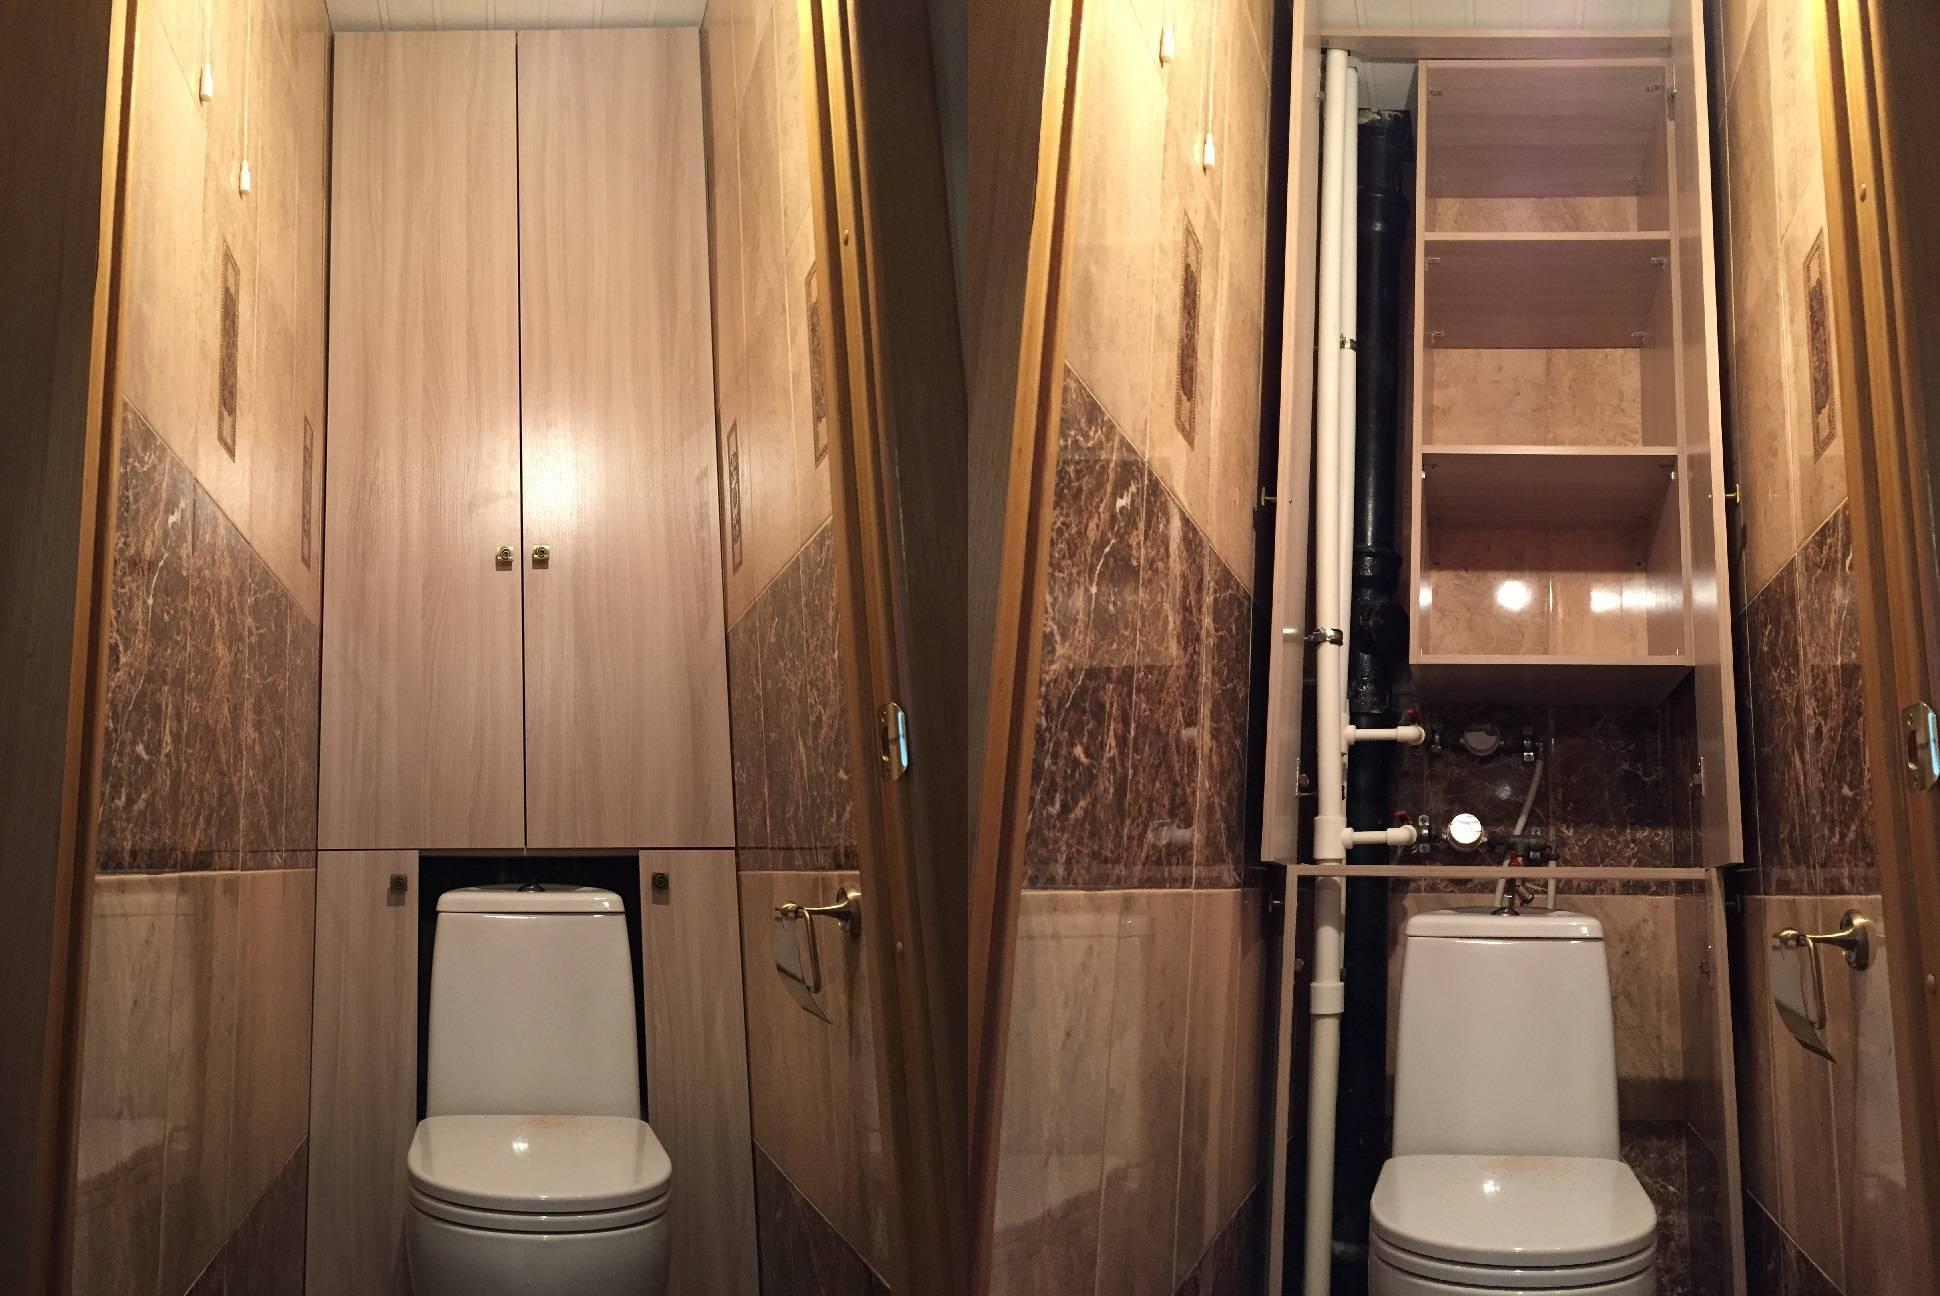 Шкаф в туалет - все о канализации